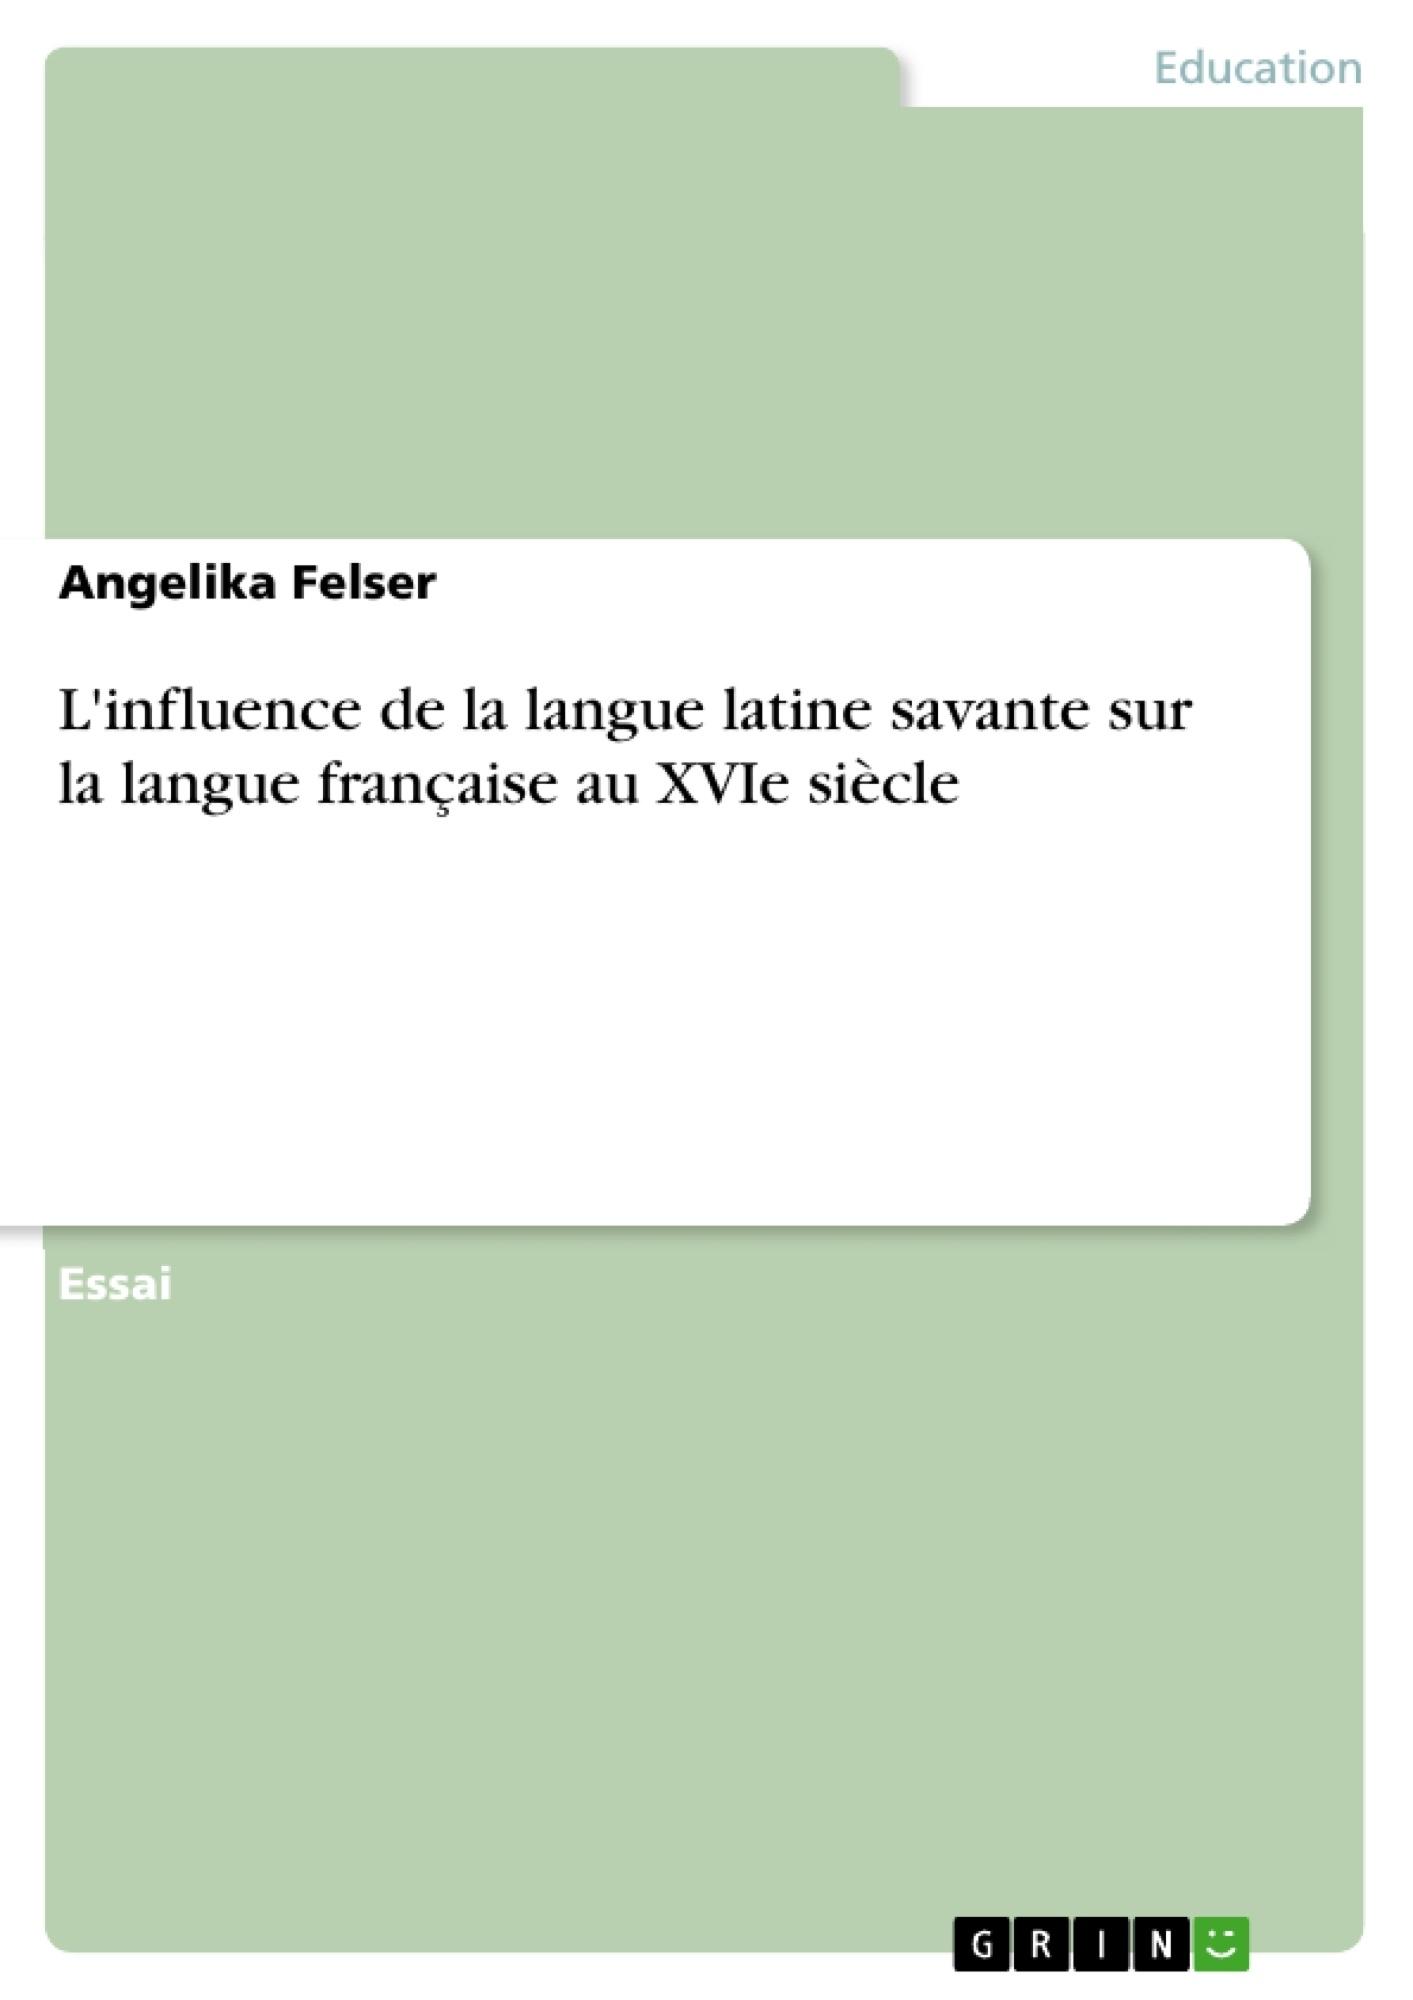 Titre: L'influence de la langue latine savante sur la langue française au XVIe siècle